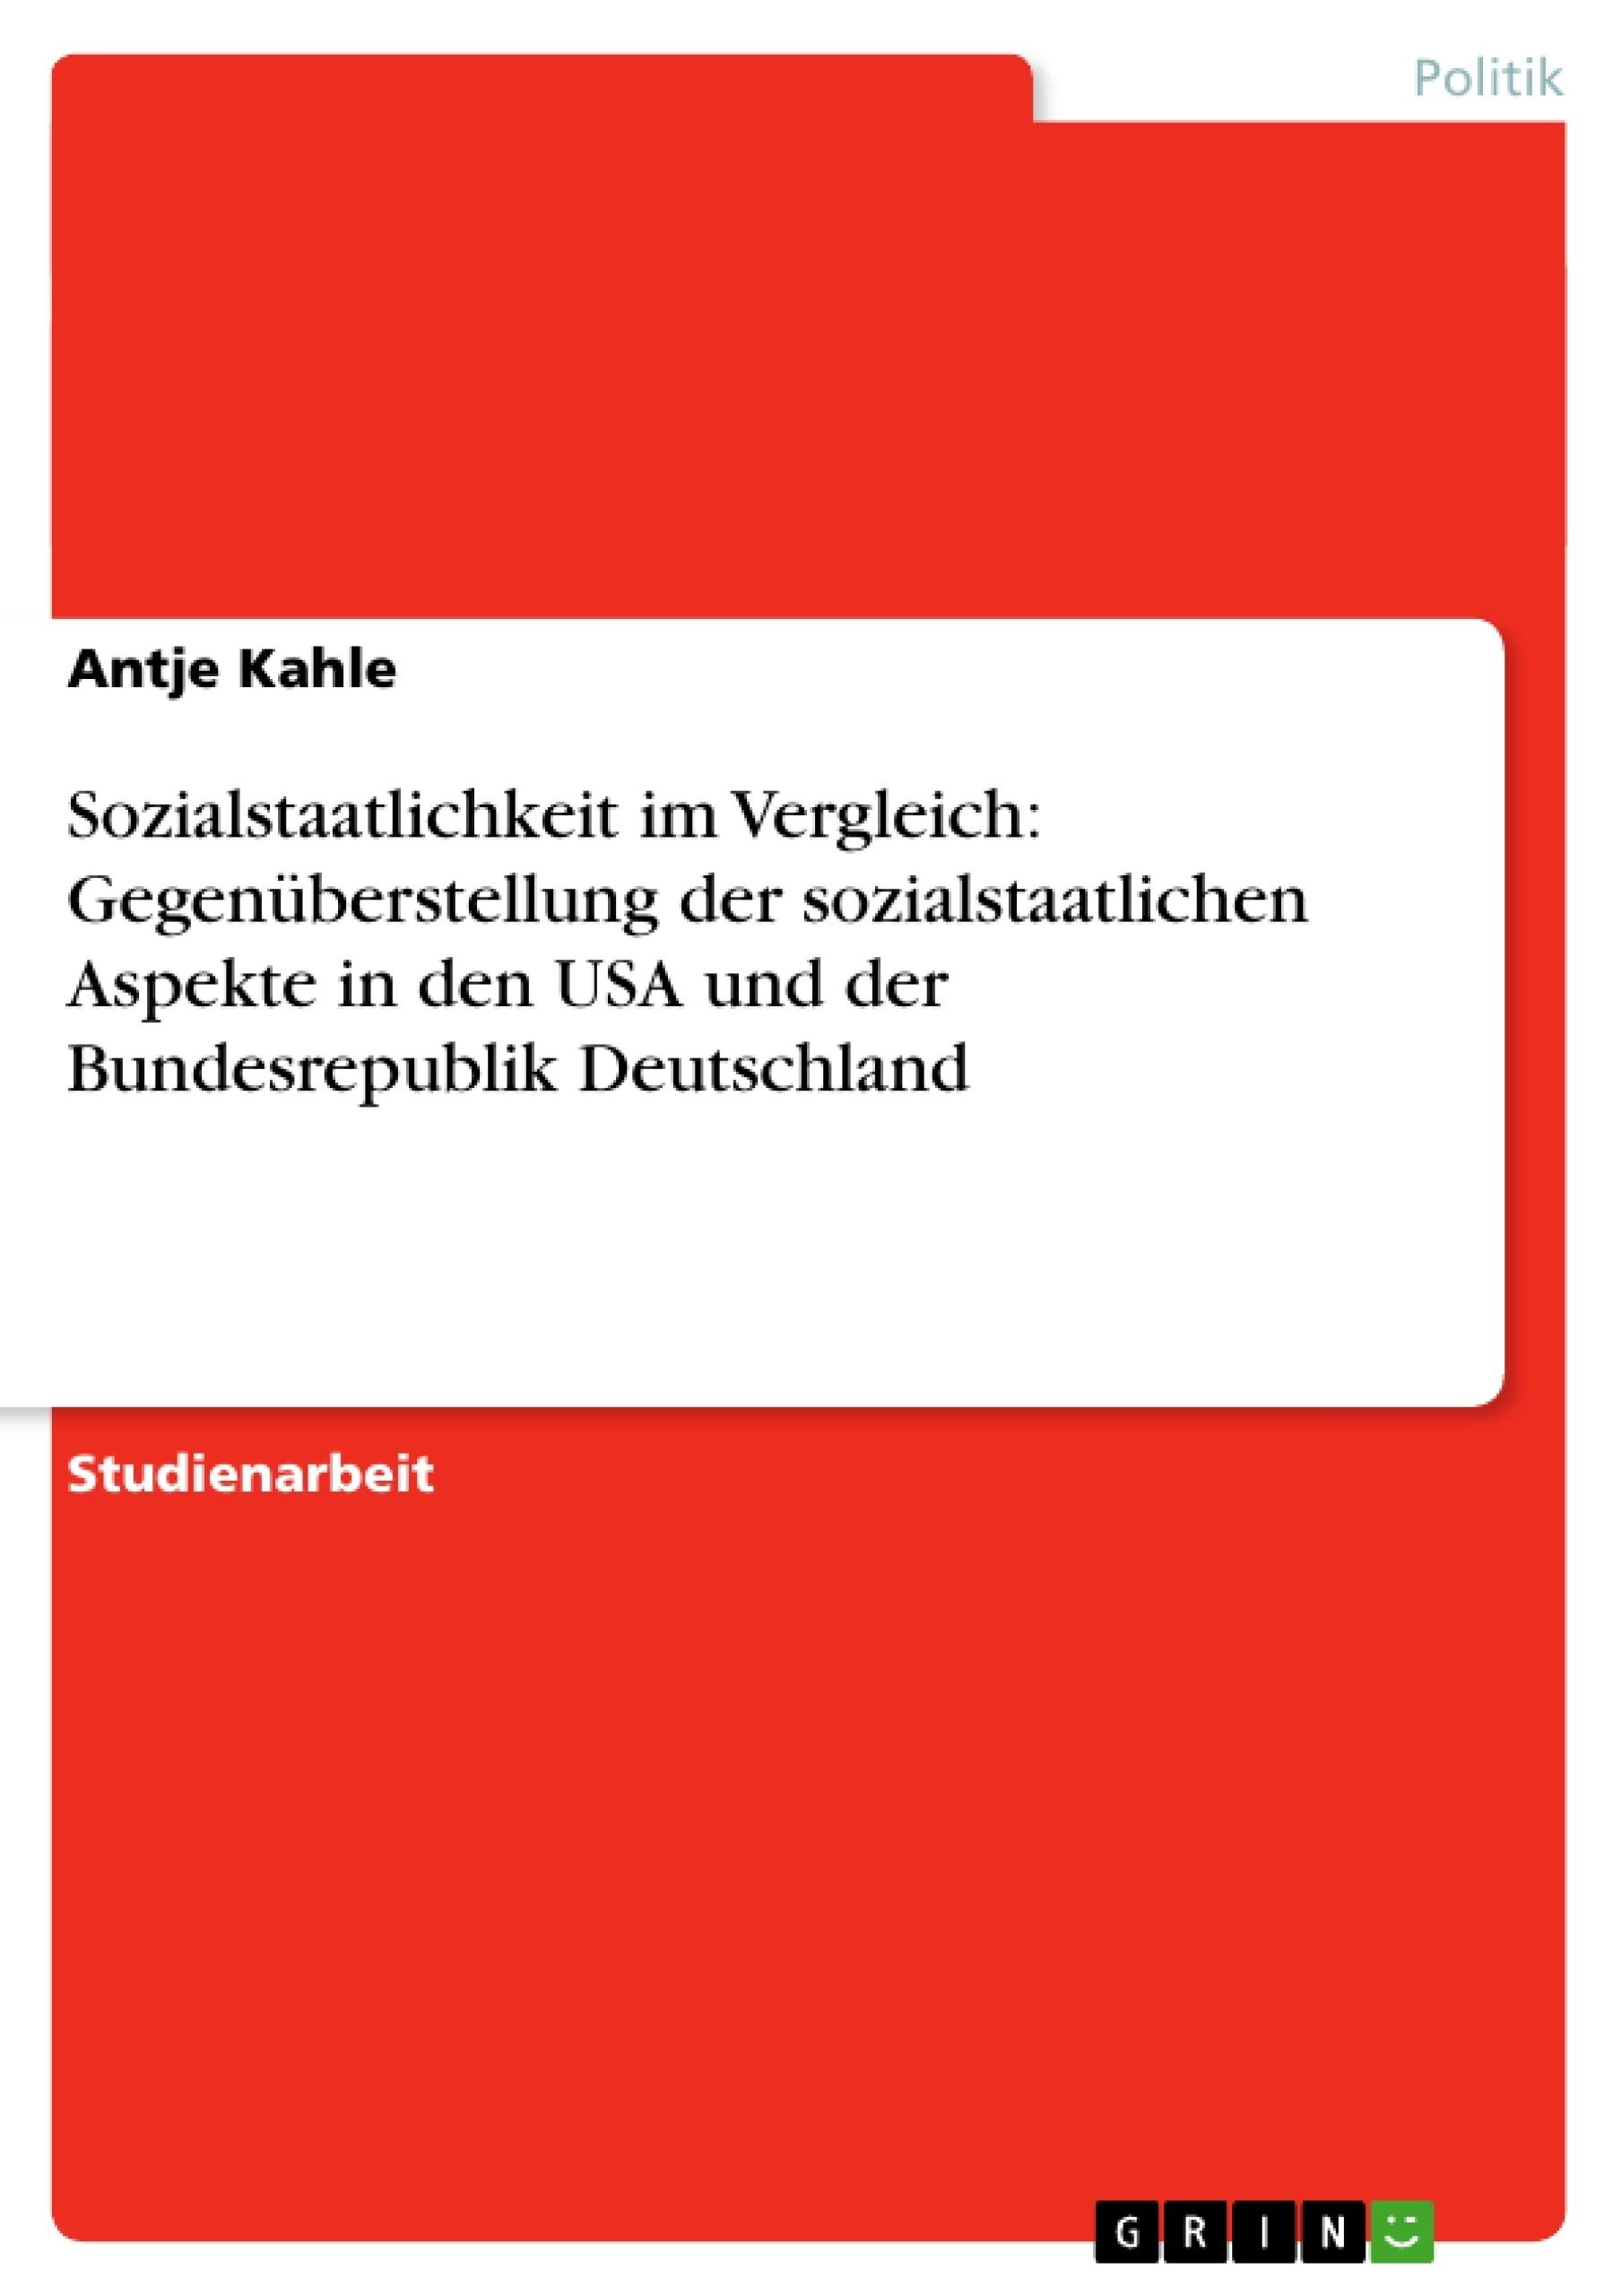 Titel: Sozialstaatlichkeit im Vergleich: Gegenüberstellung der sozialstaatlichen Aspekte in den USA und der Bundesrepublik Deutschland